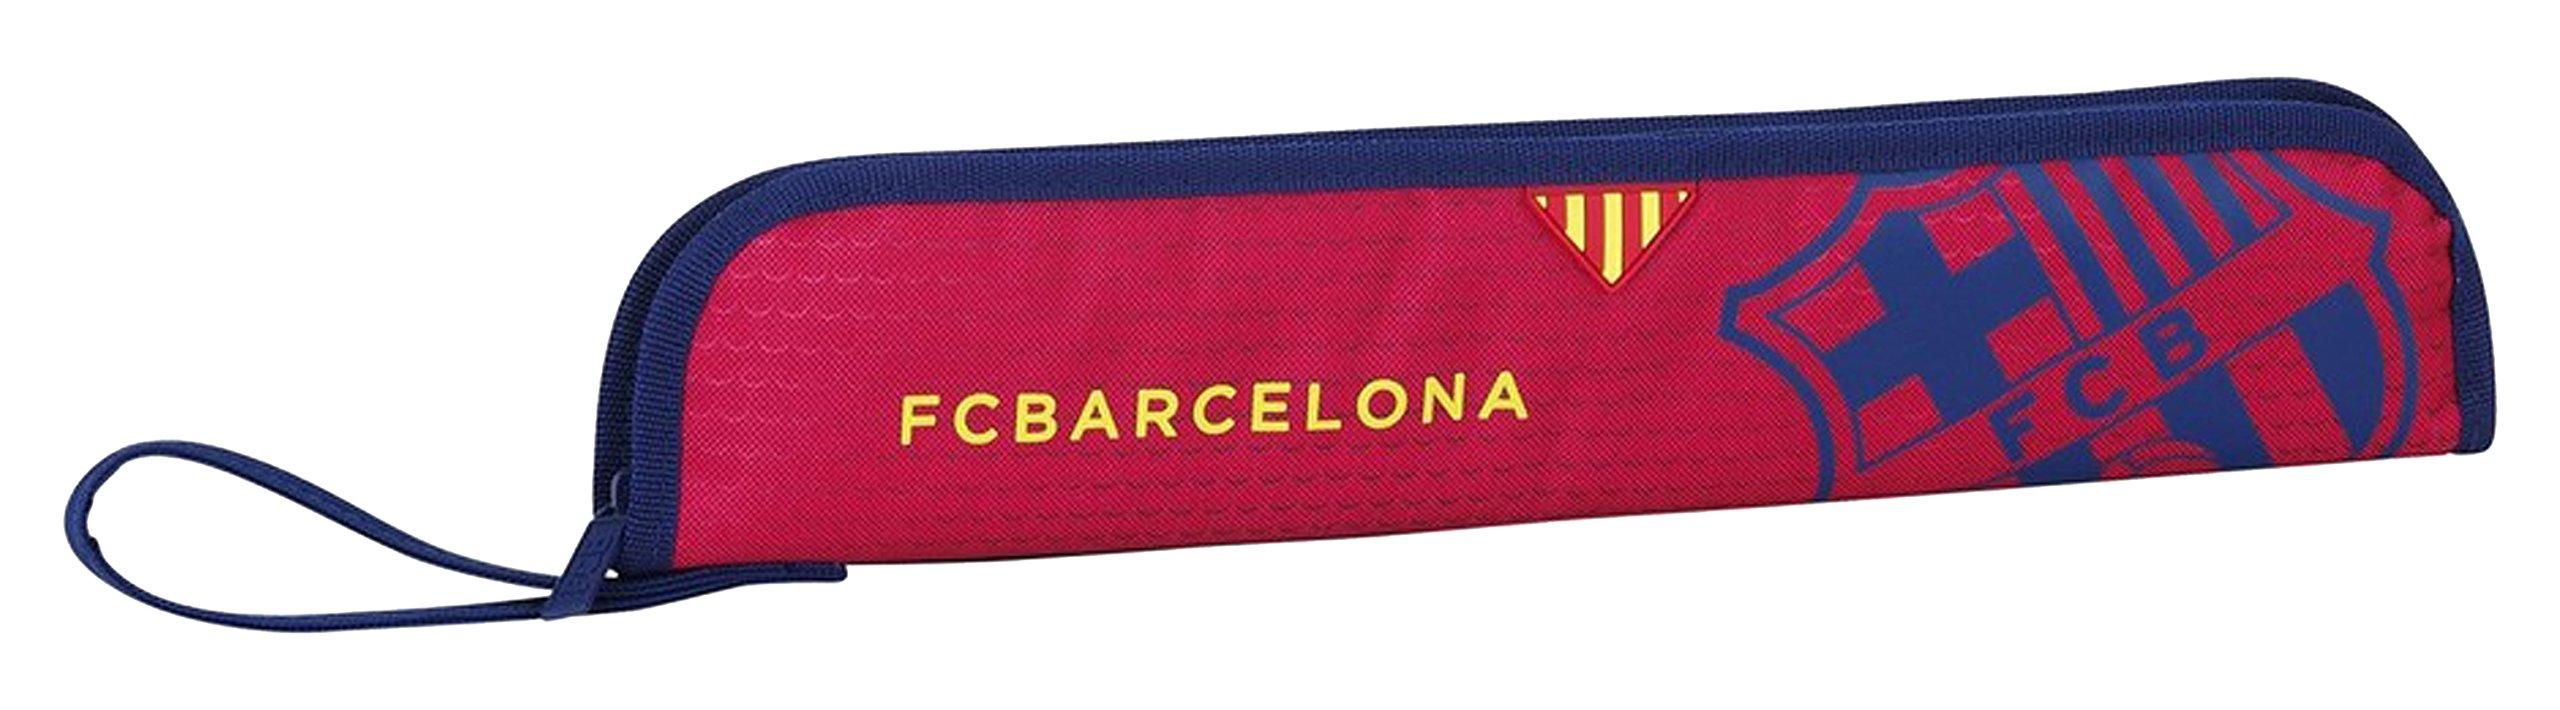 Futbol Club Barcelona – Portaflautas (Safta 811572284)